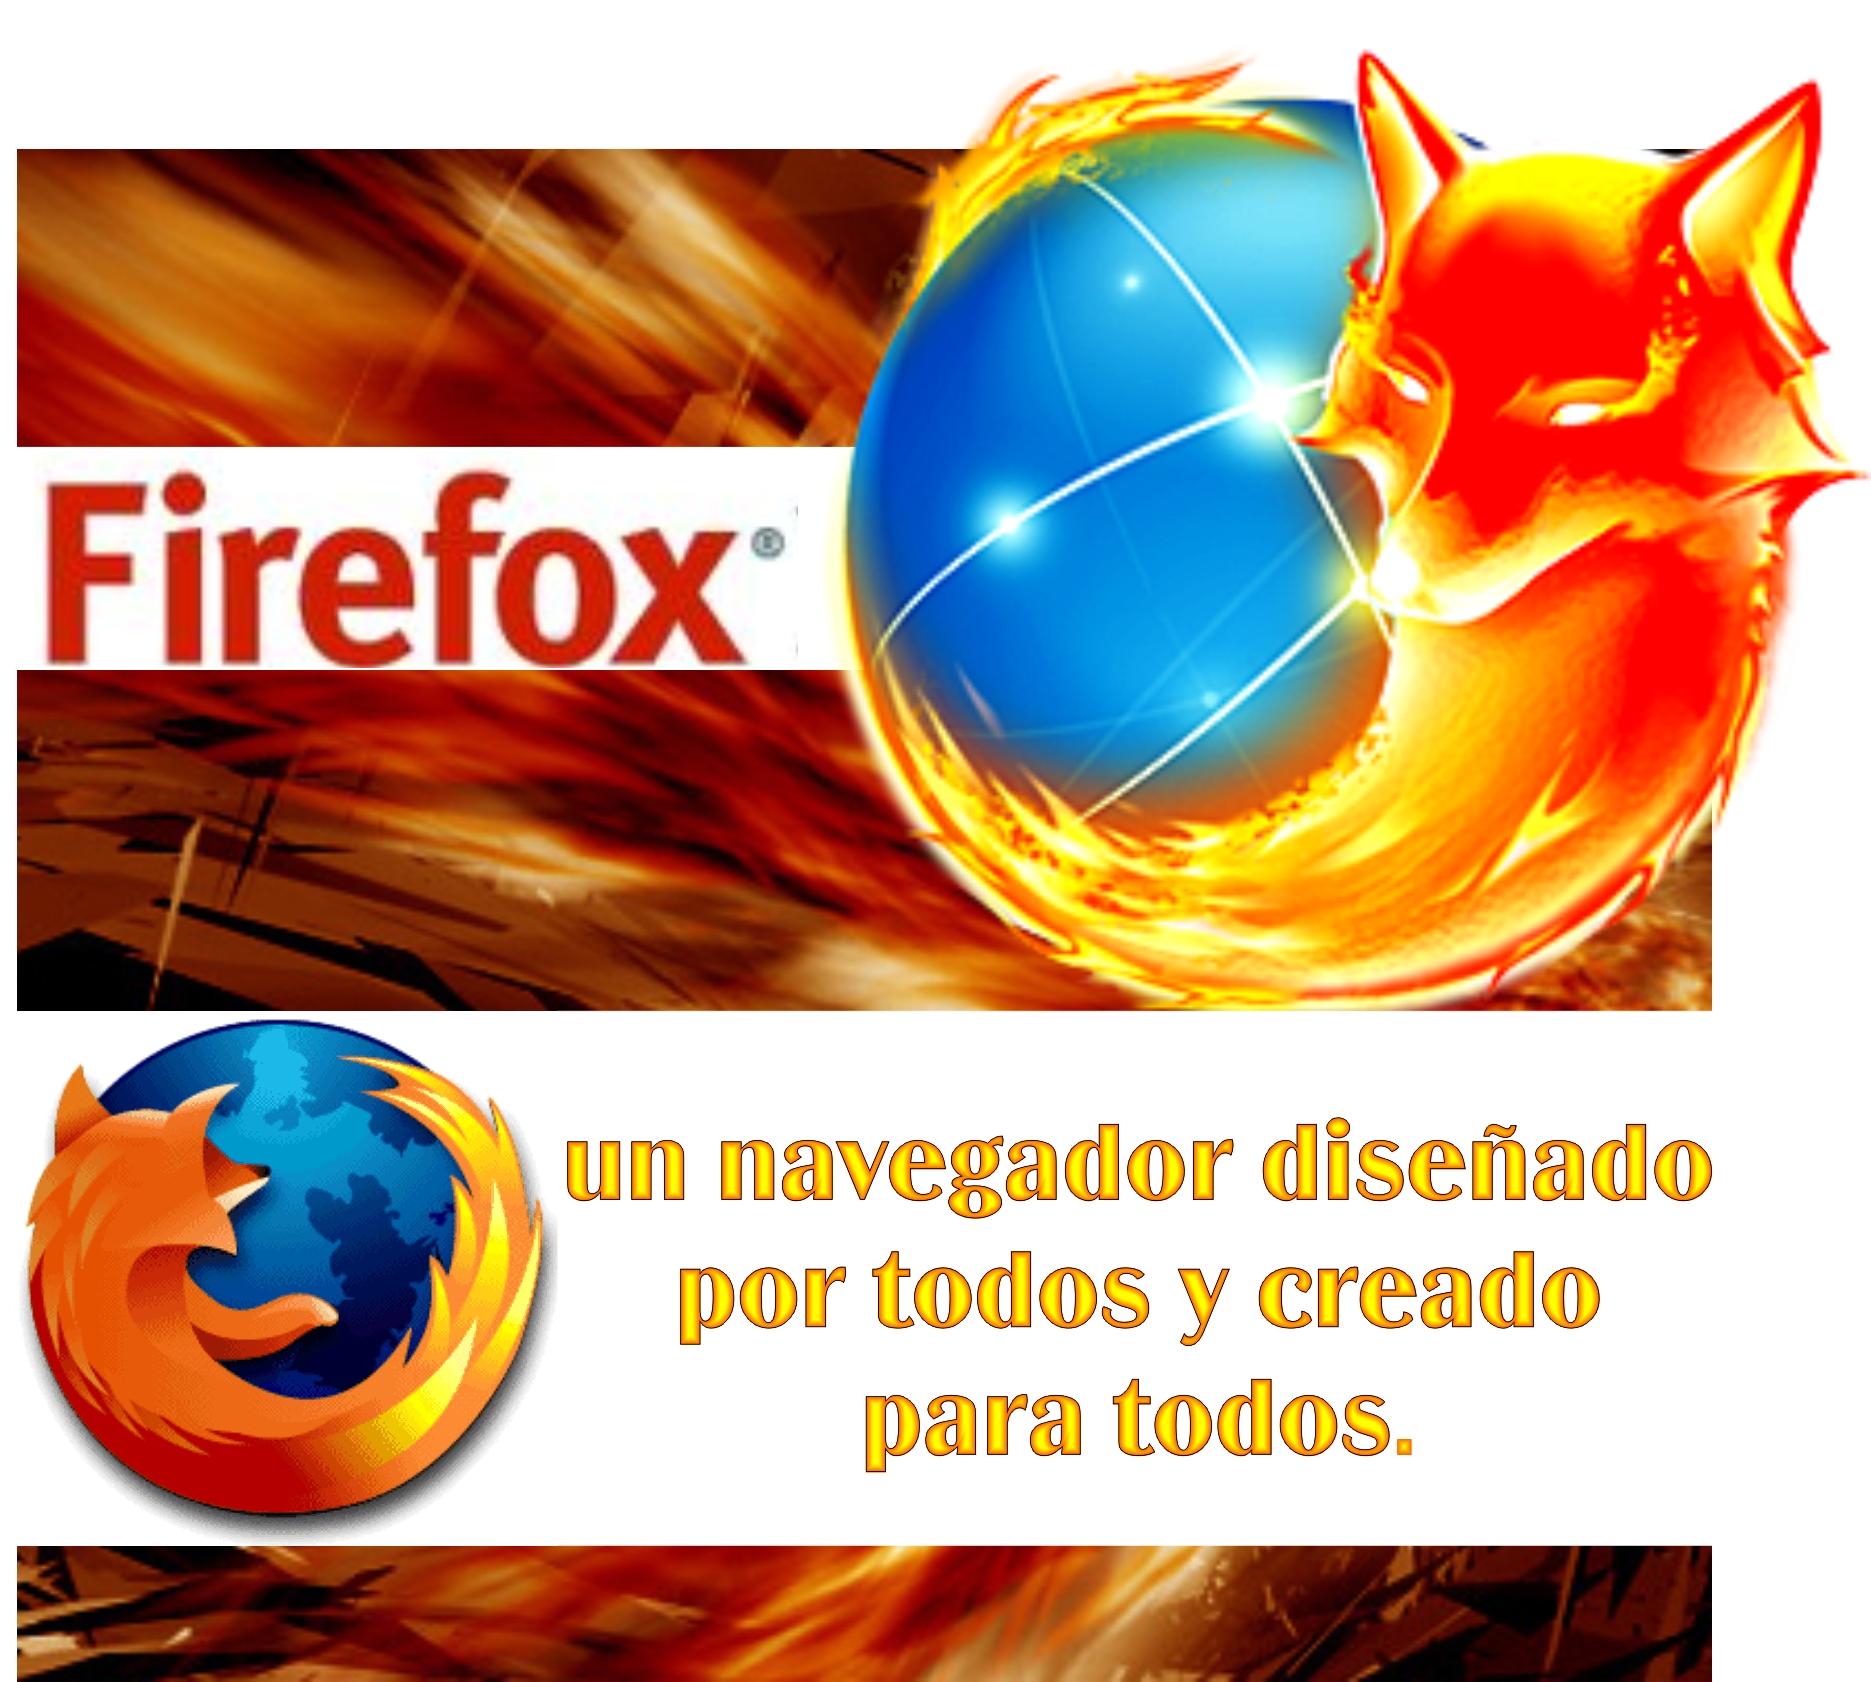 Mozilla FireFox, un navegador diseñado por todos y creado para todos.